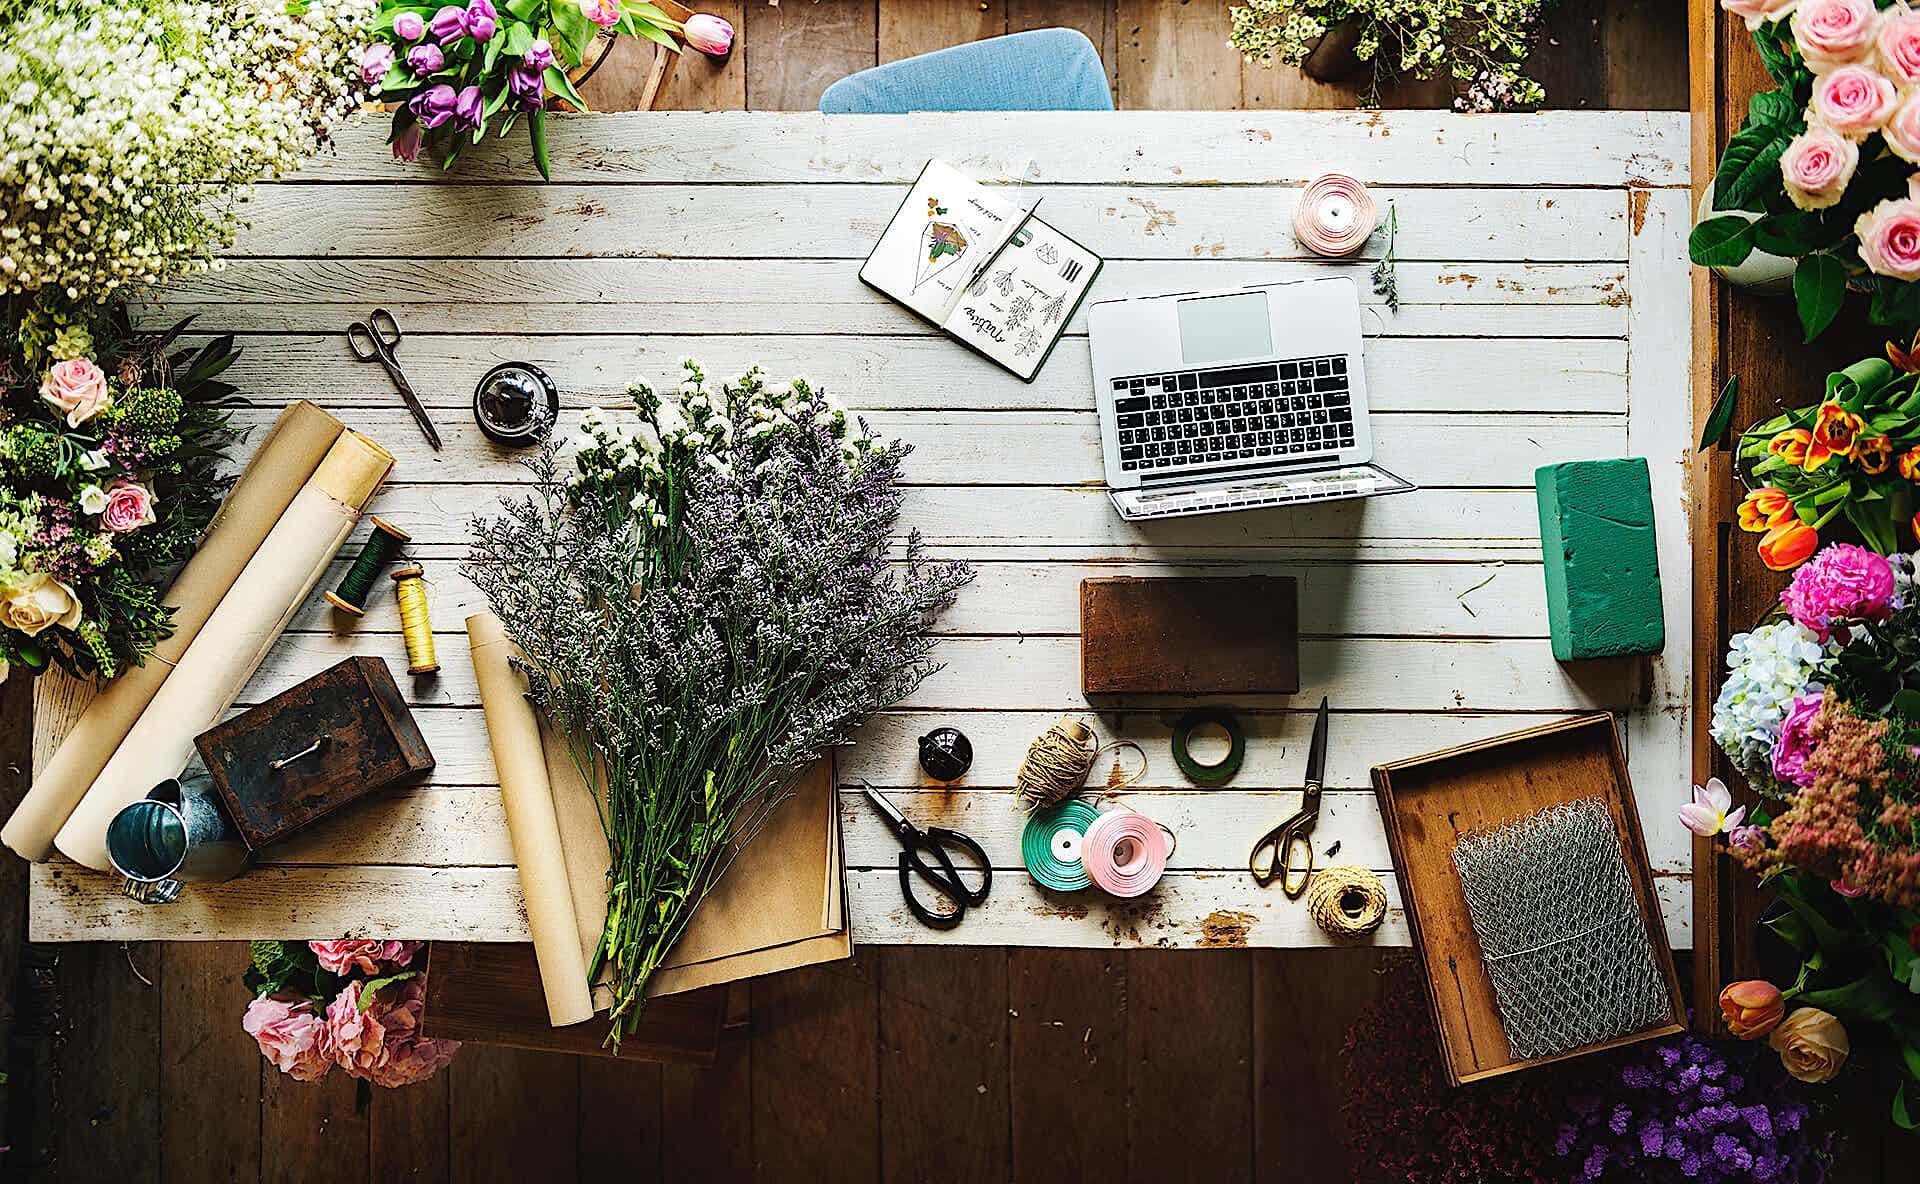 Werkstatt floristik tisch mit laptop